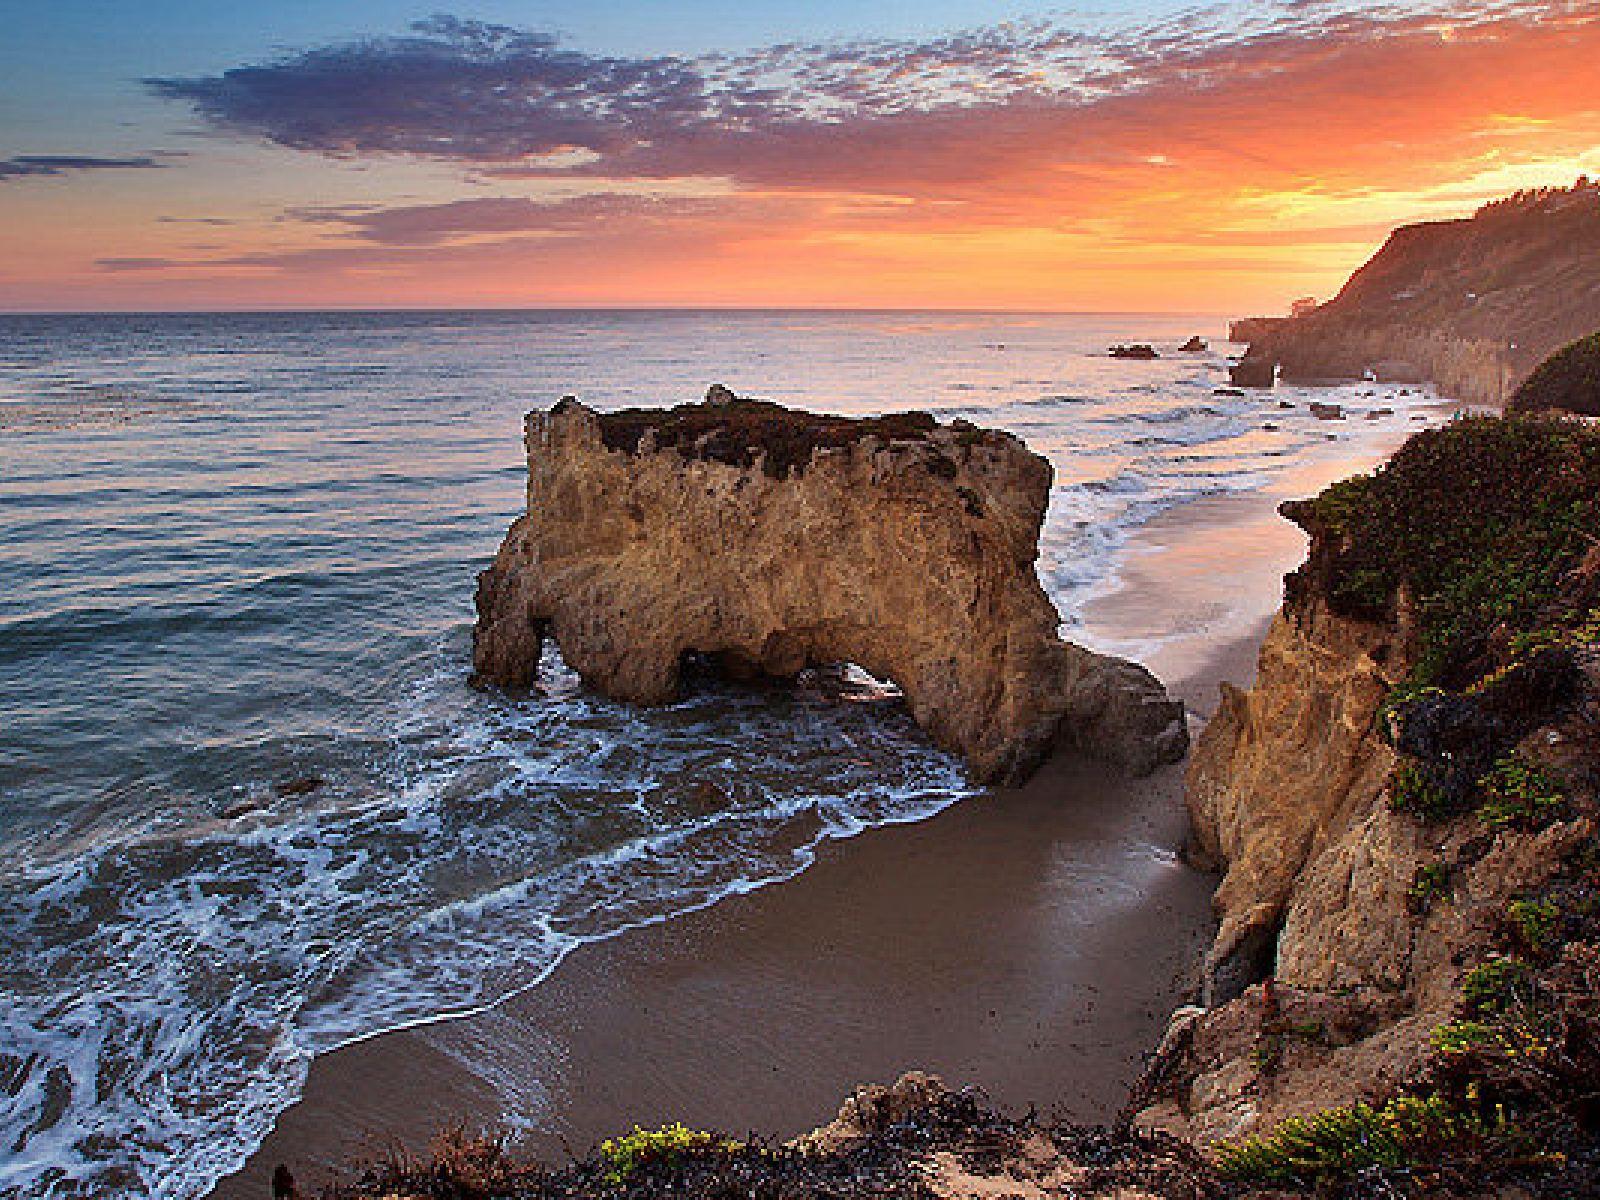 Main image for guide titled Les meilleures plages de Los Angeles